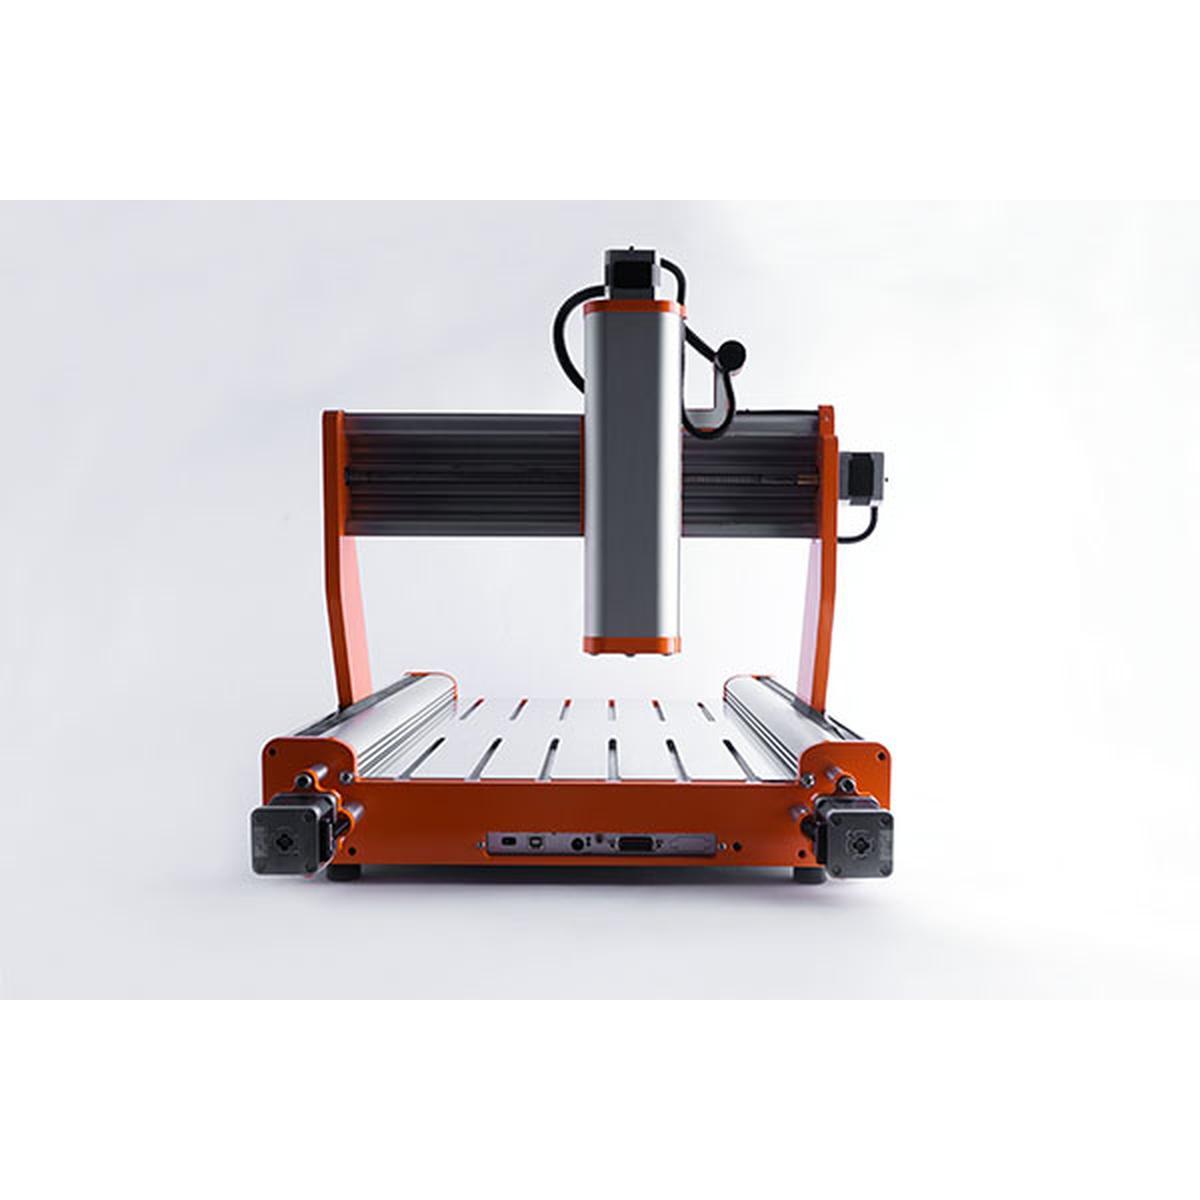 Stepcraft D-Series 3 StepCraft CNC Systems- CNCshop.gr Stepcraft Greece